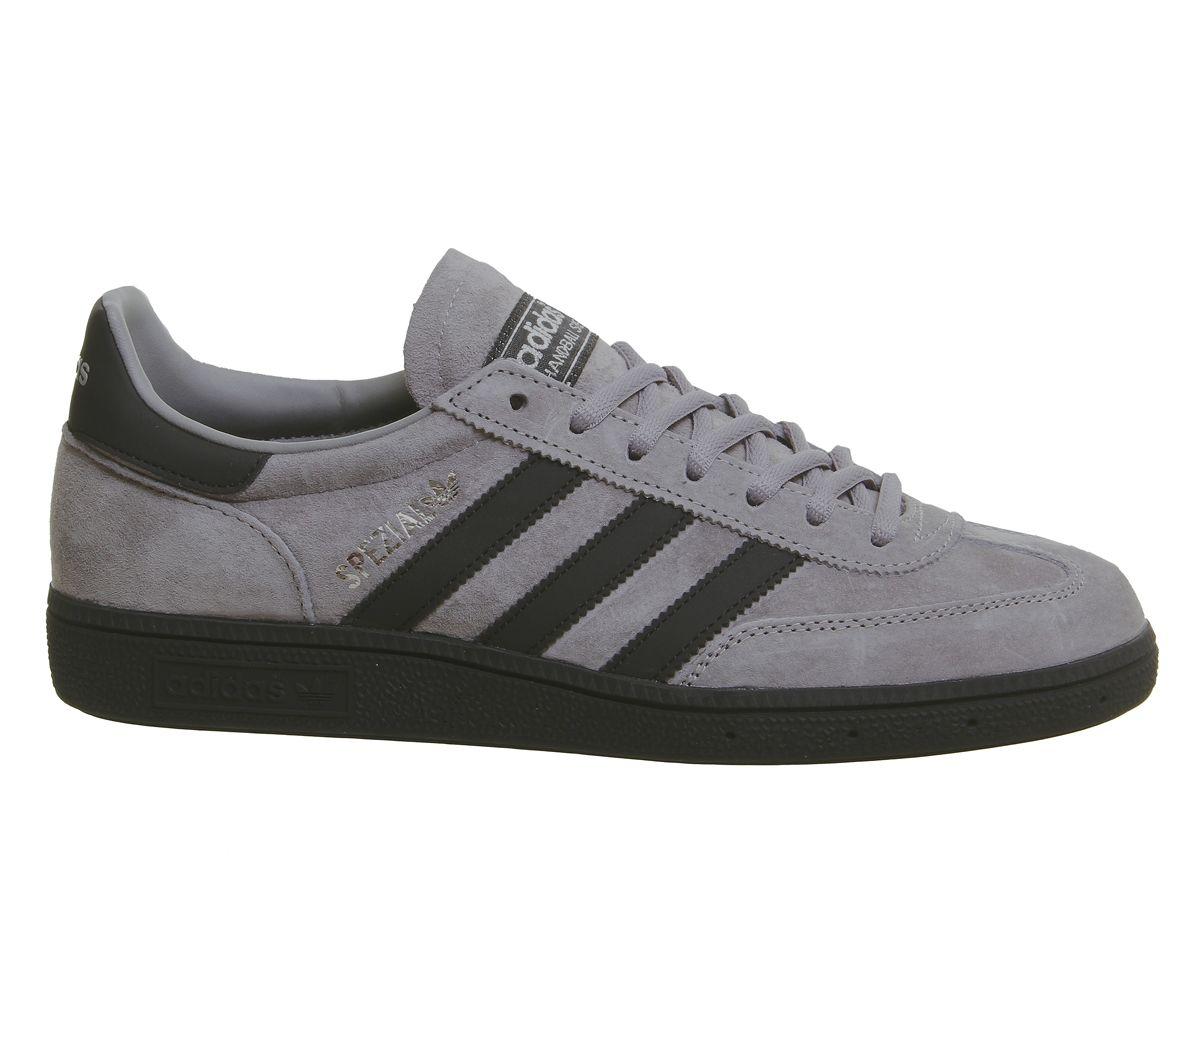 5e1d2791ed336 Adidas Handball Spezial Trainers Solid Grey Core Black Silver ...